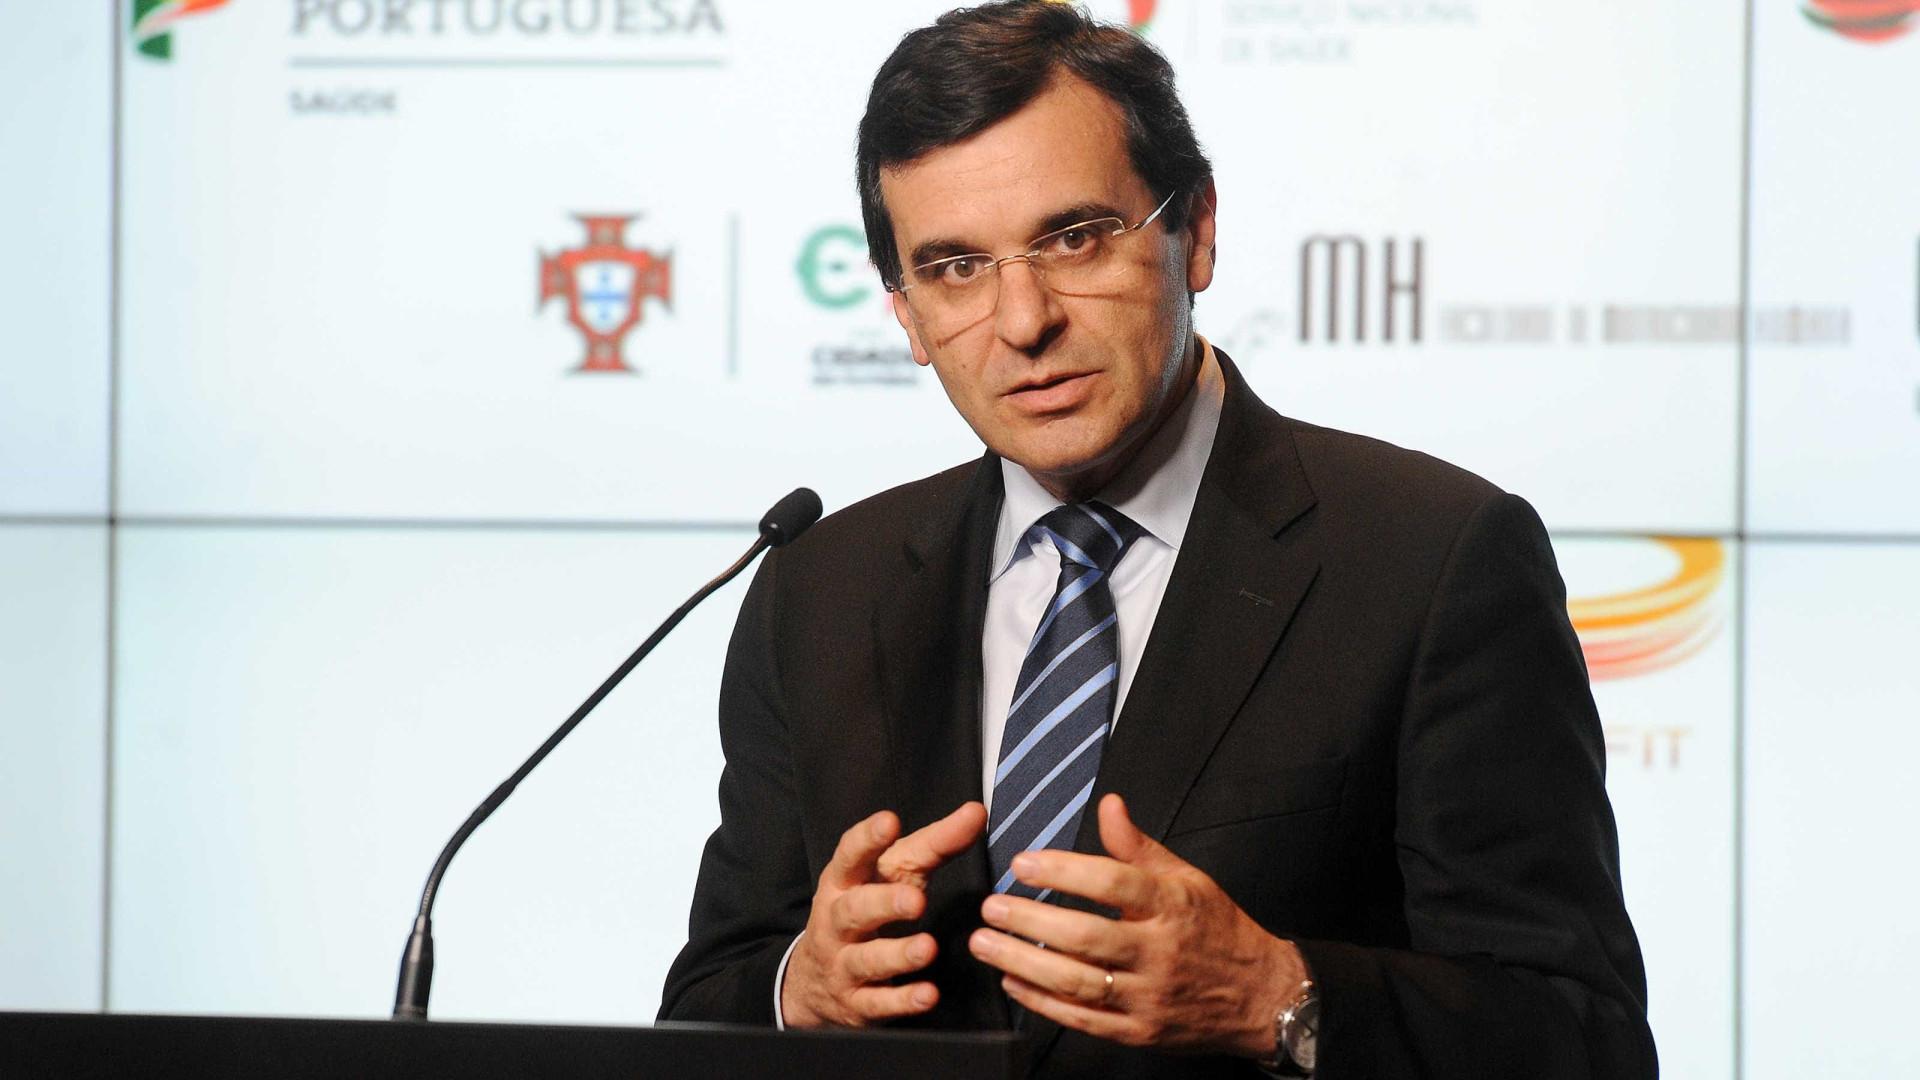 Portugueses vão consumir menos 4.225 toneladas de açúcar em 2017